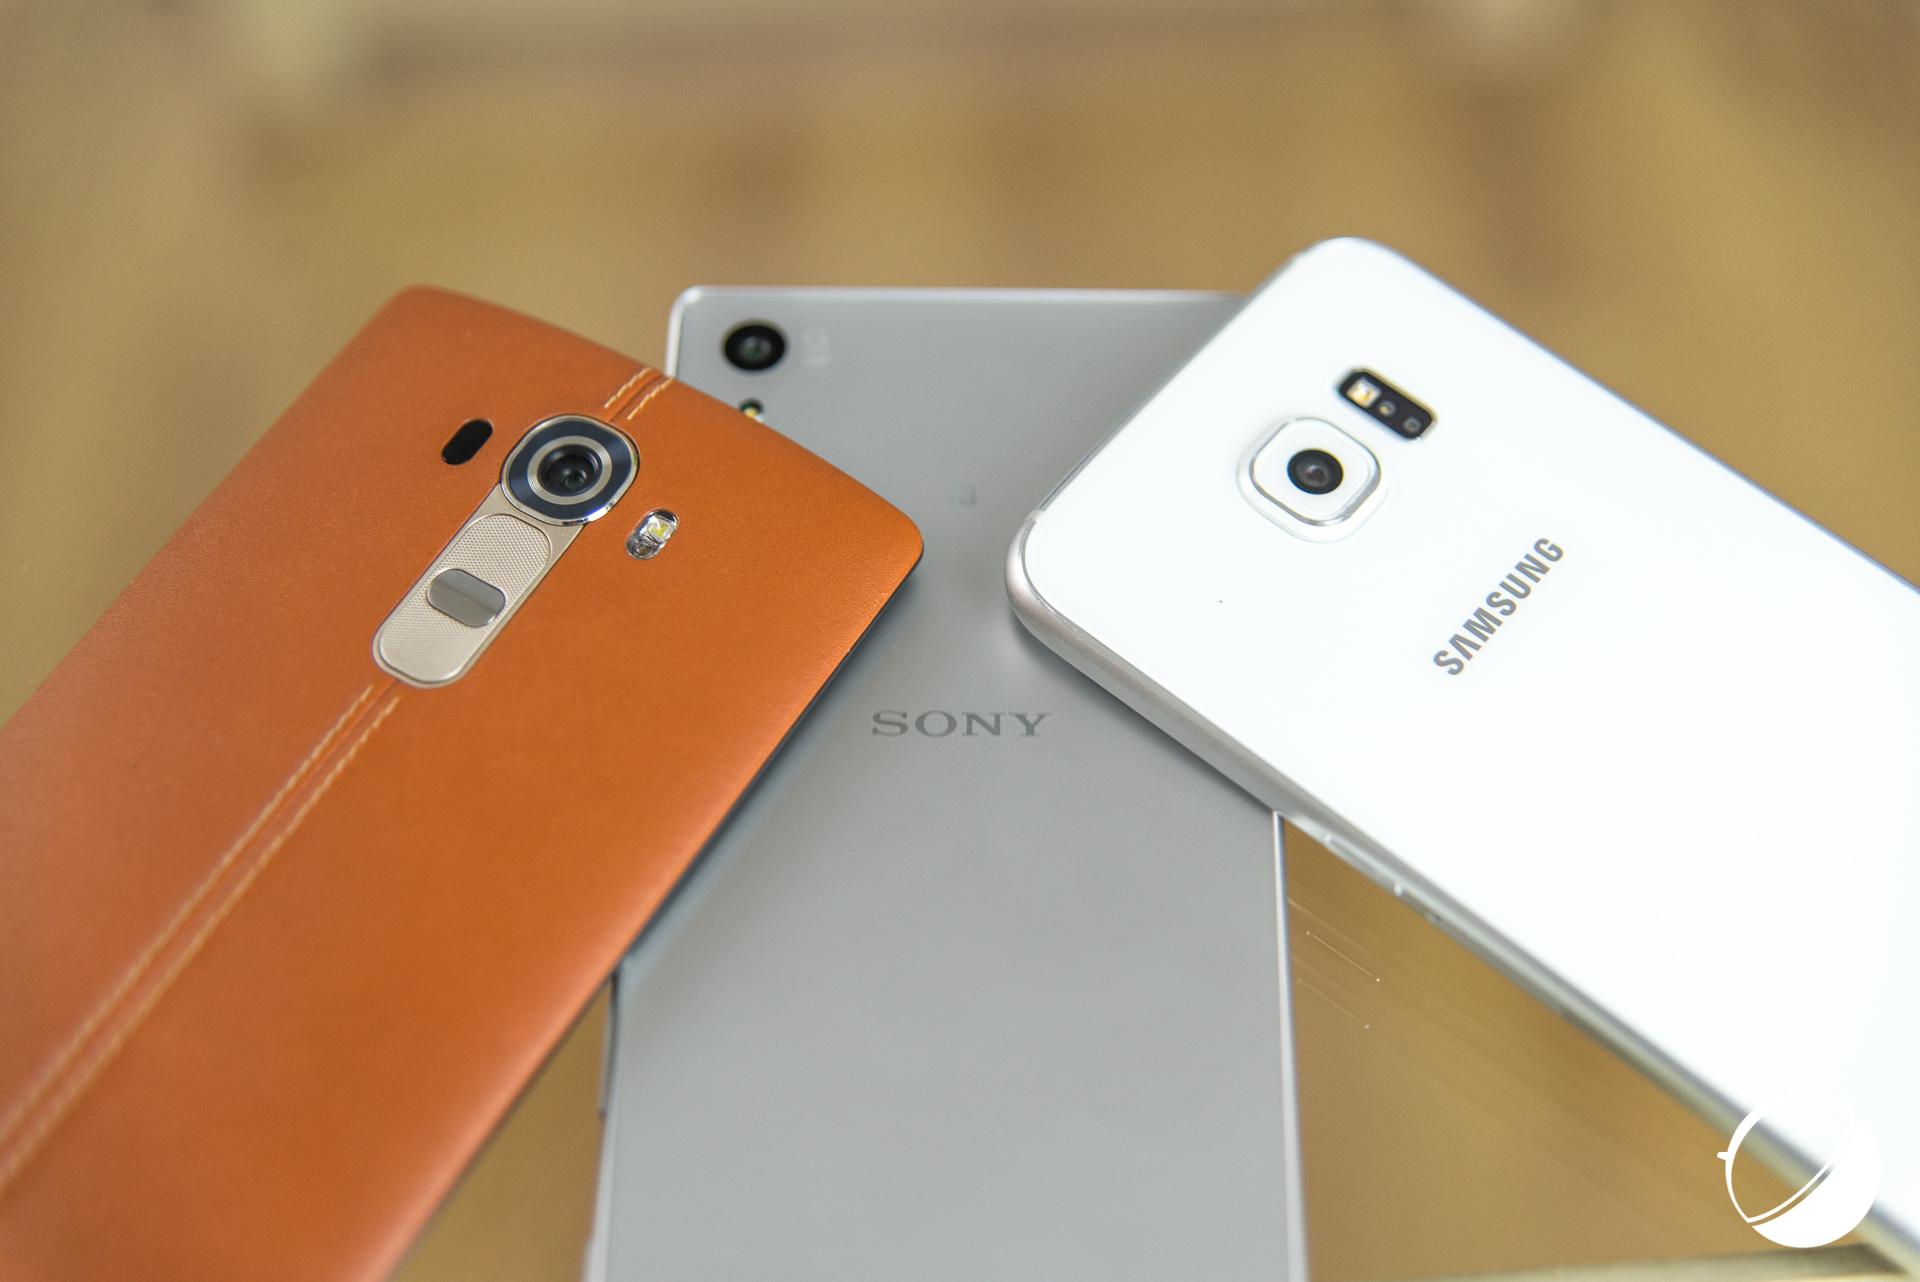 Antutu publie la liste des smartphones les plus populaires de son benchmark